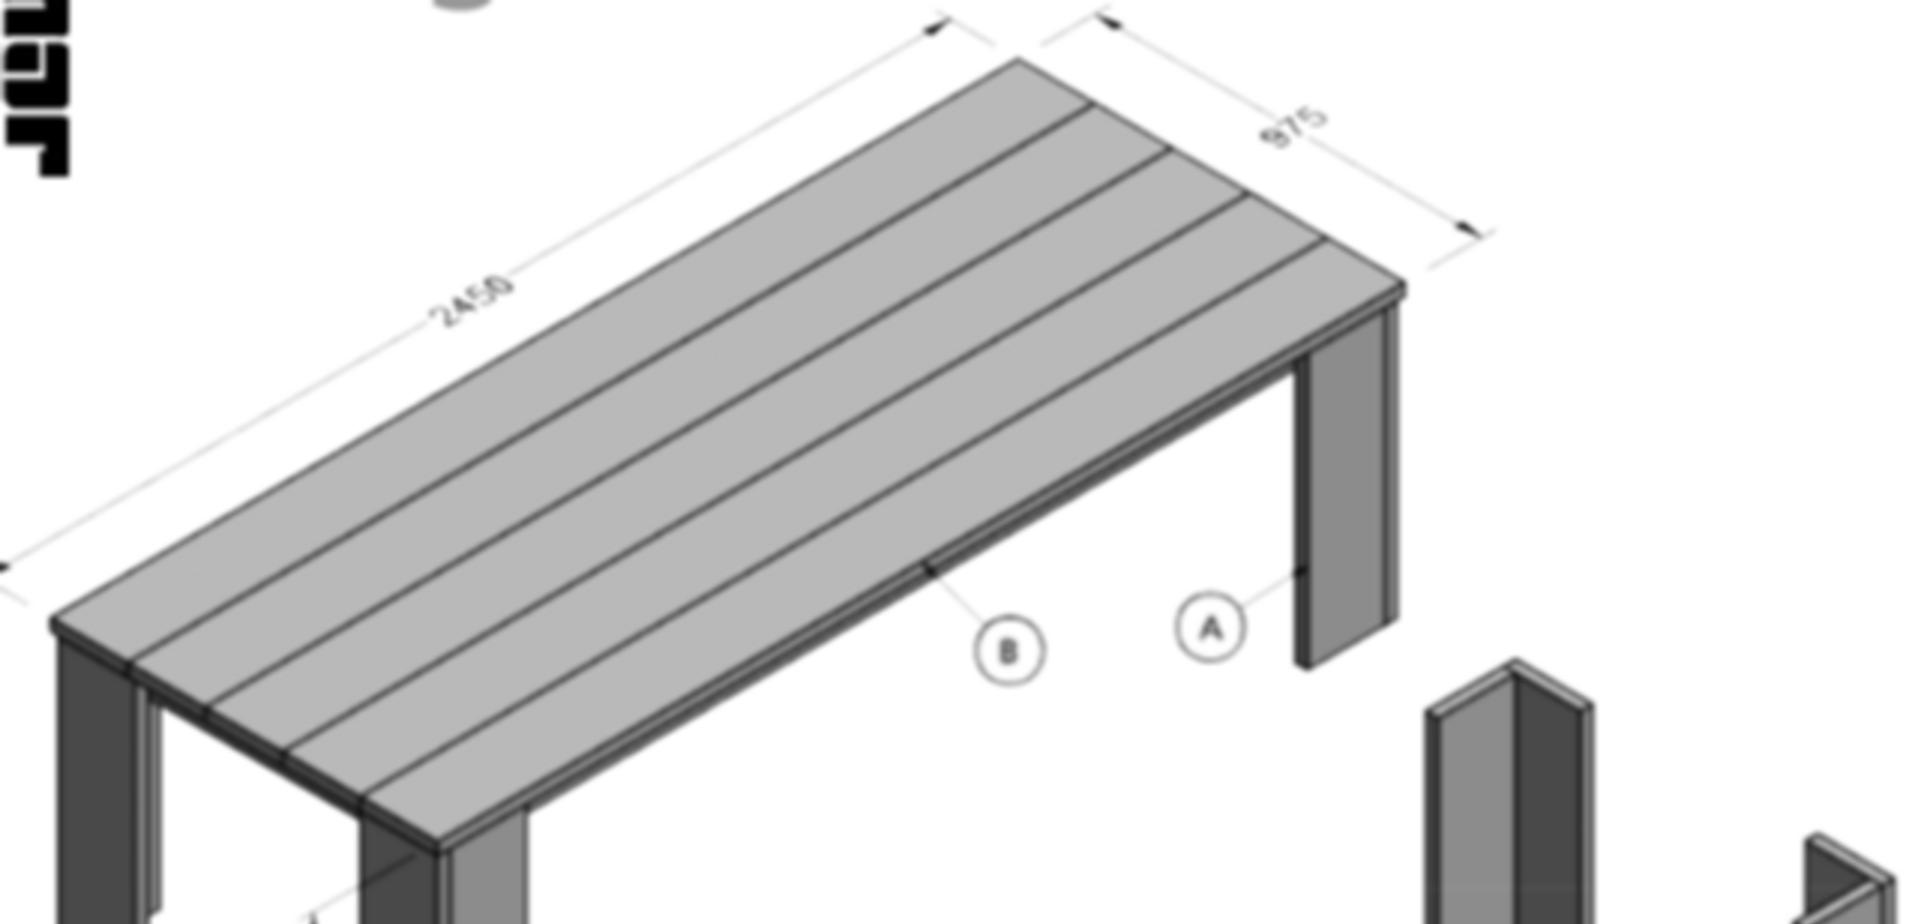 Bekend Bouwtekening houten tafel basic | voordemakers.nl KJ14